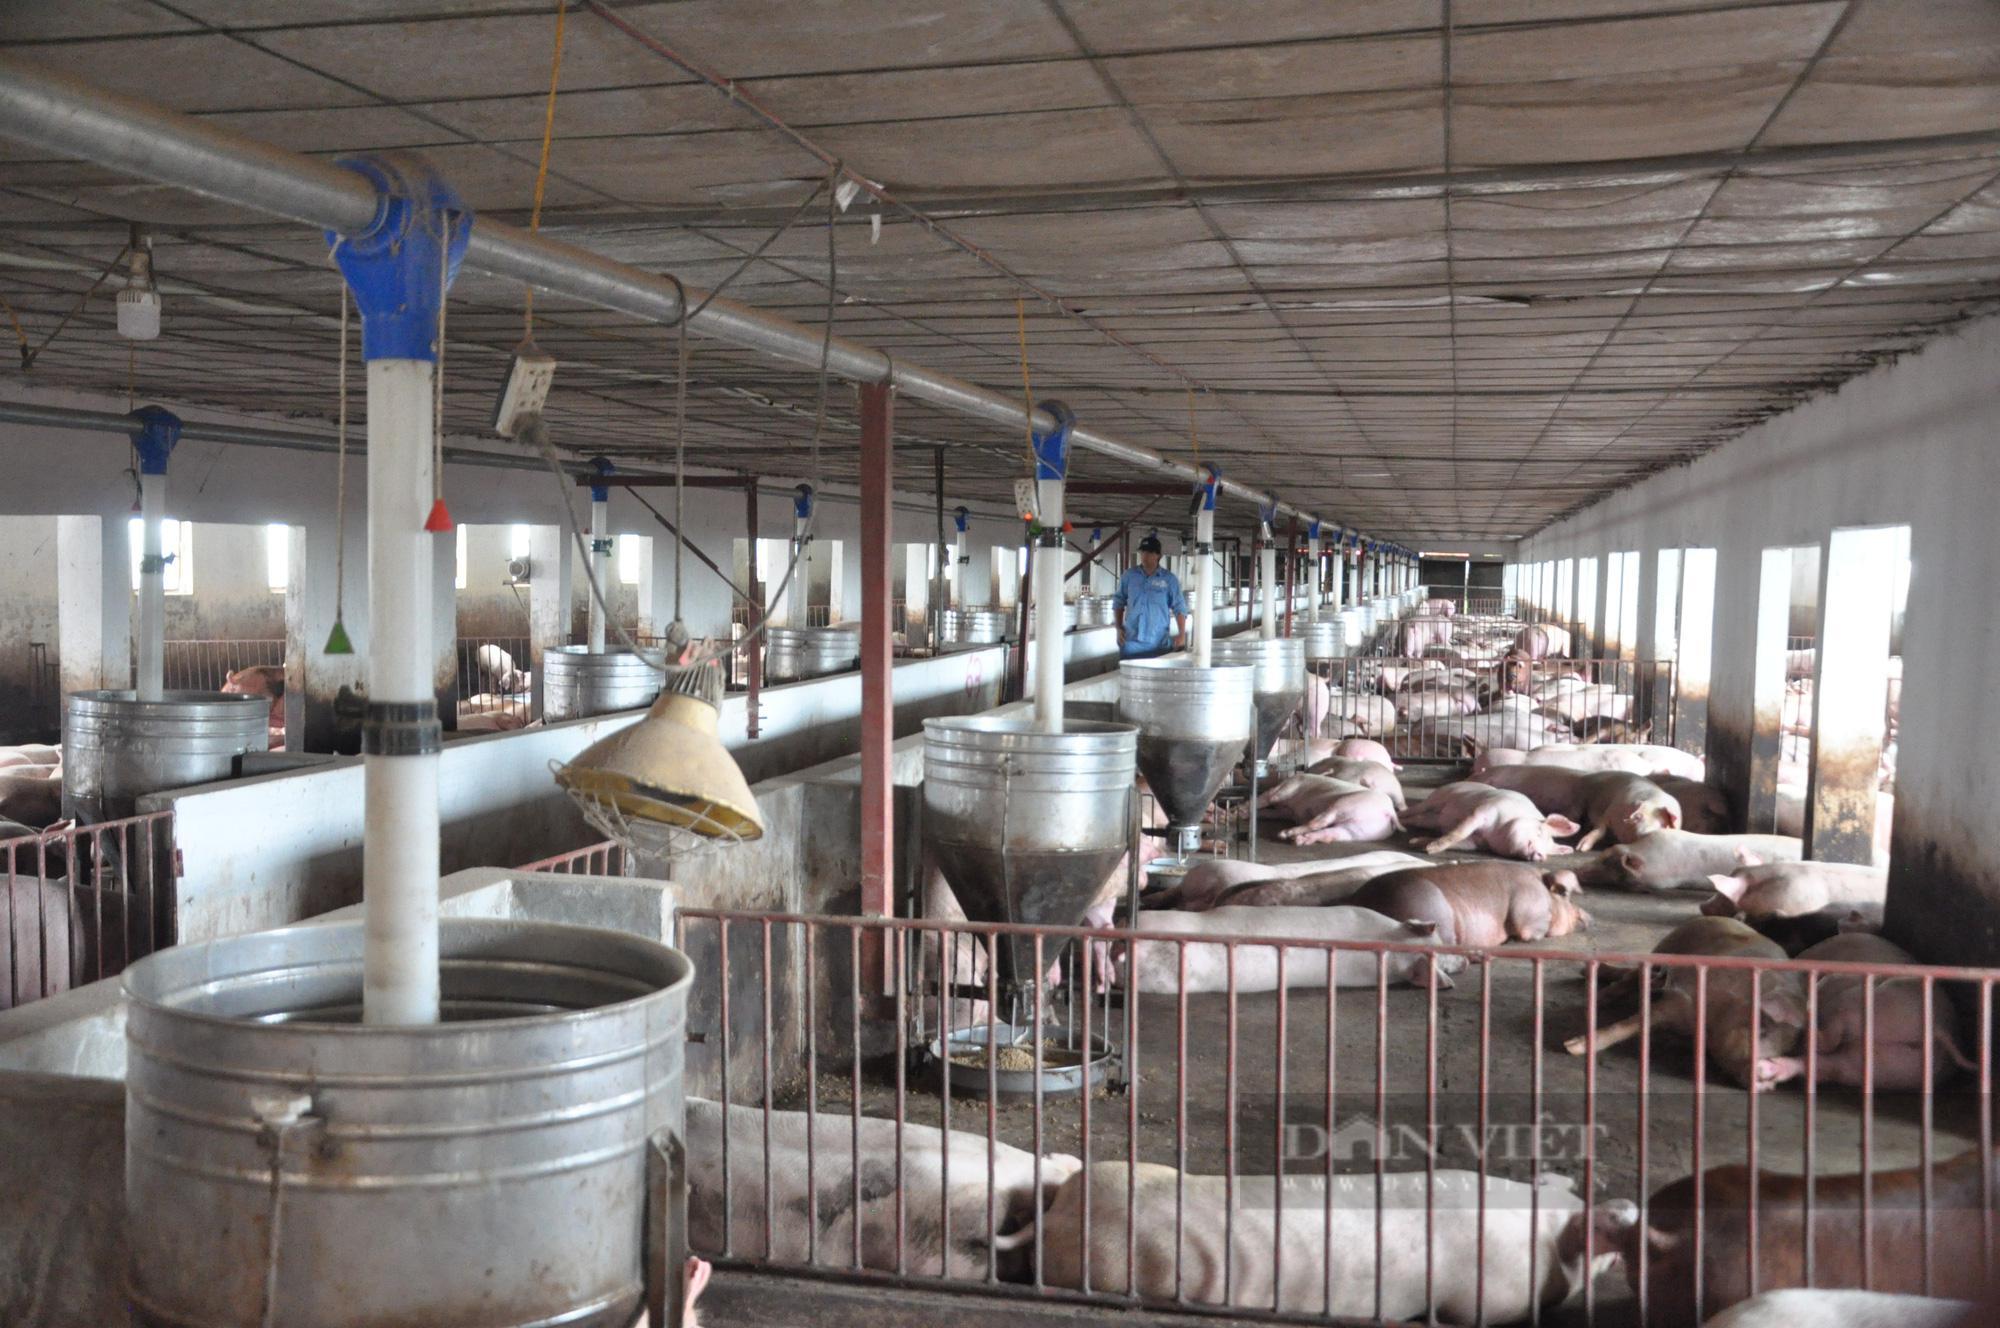 Khôi phục sản xuất nông nghiệp sau dịch: Trăm mối tơ vò